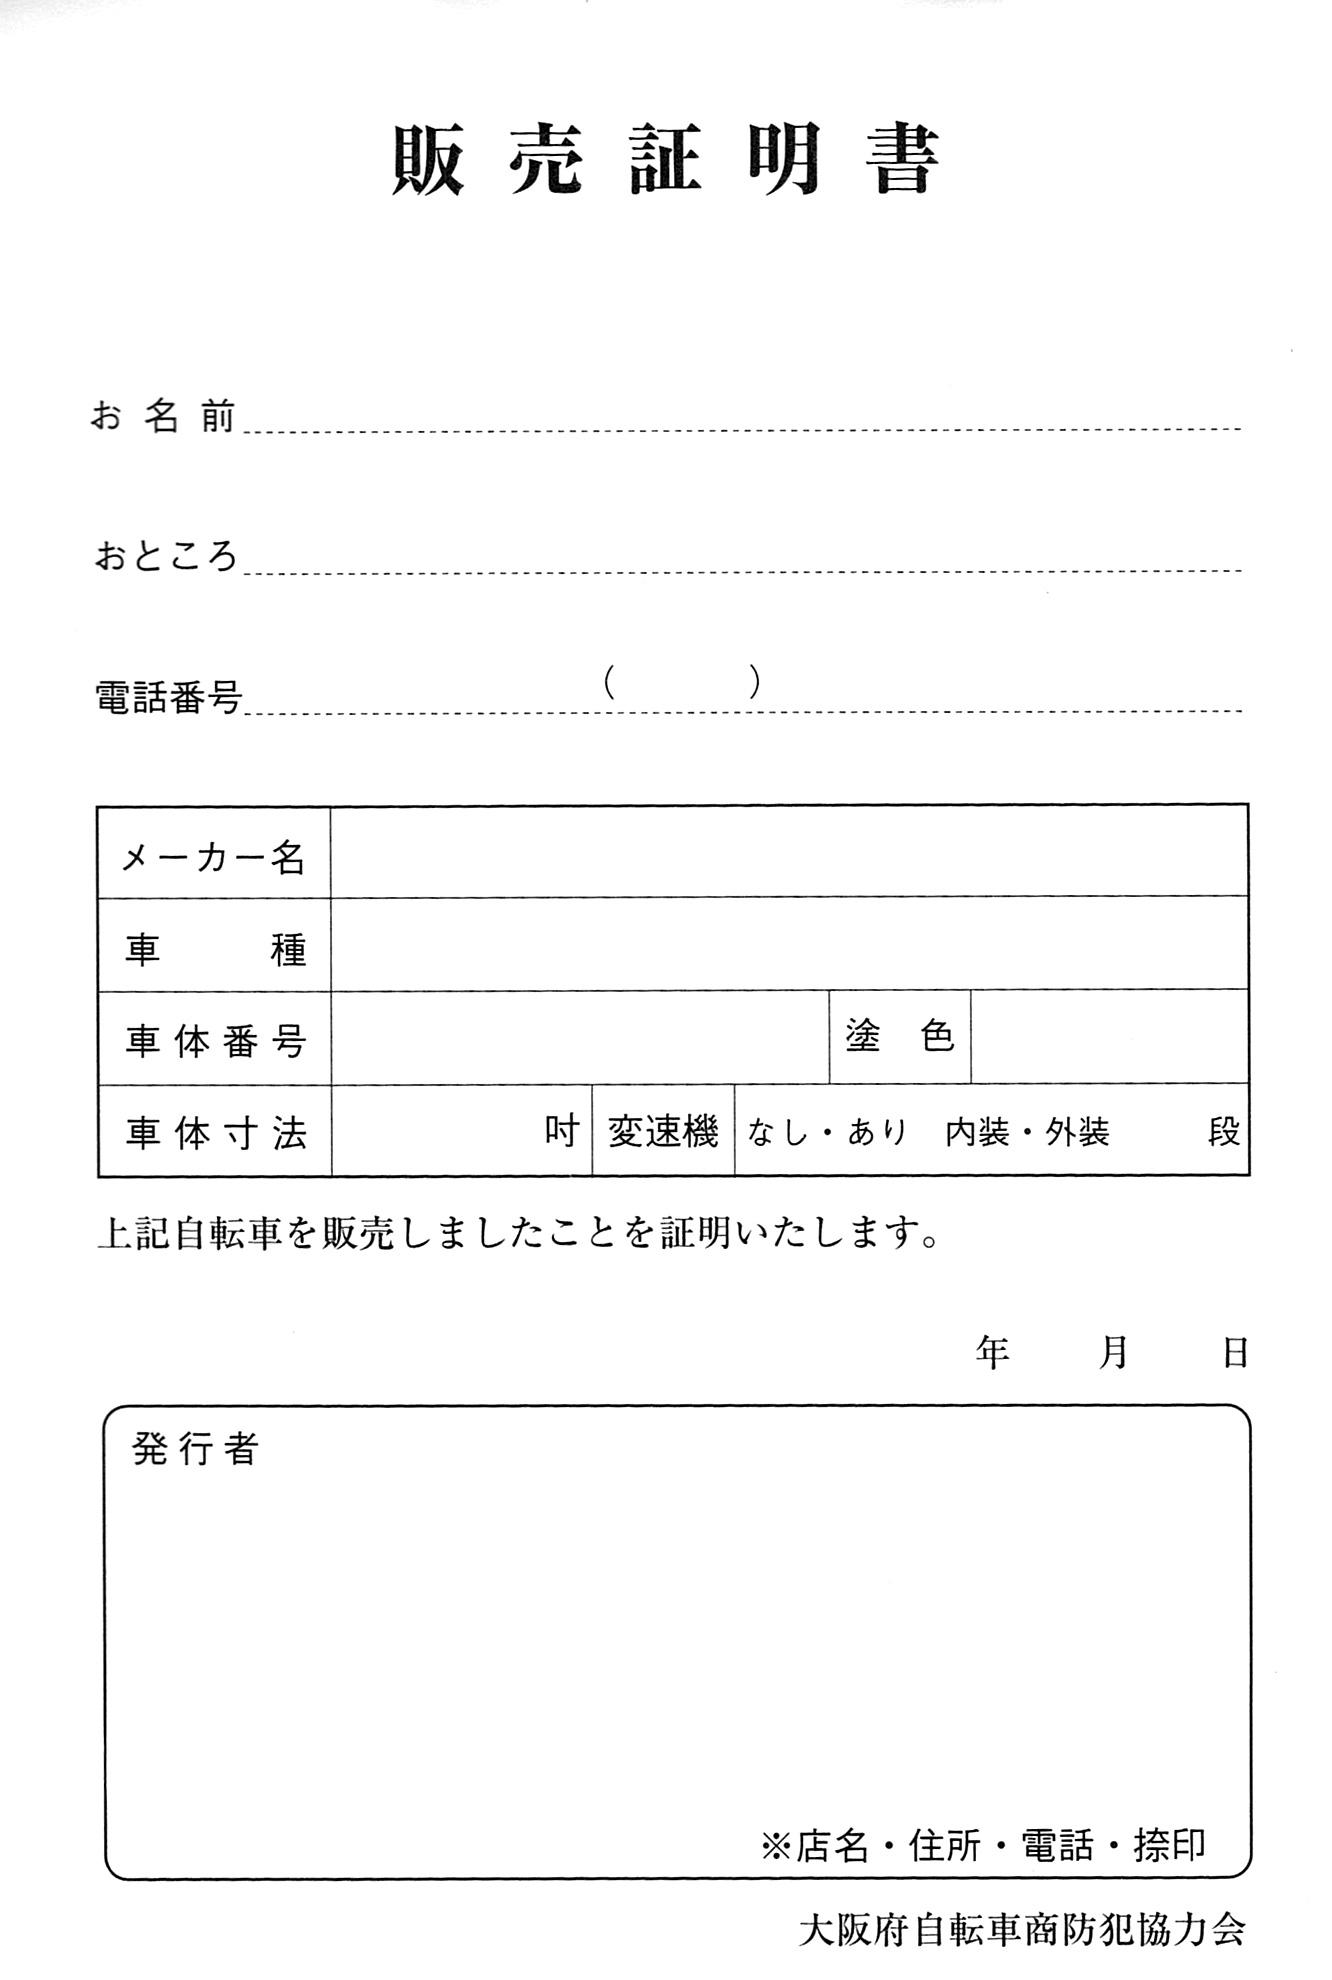 抹消 防犯 登録